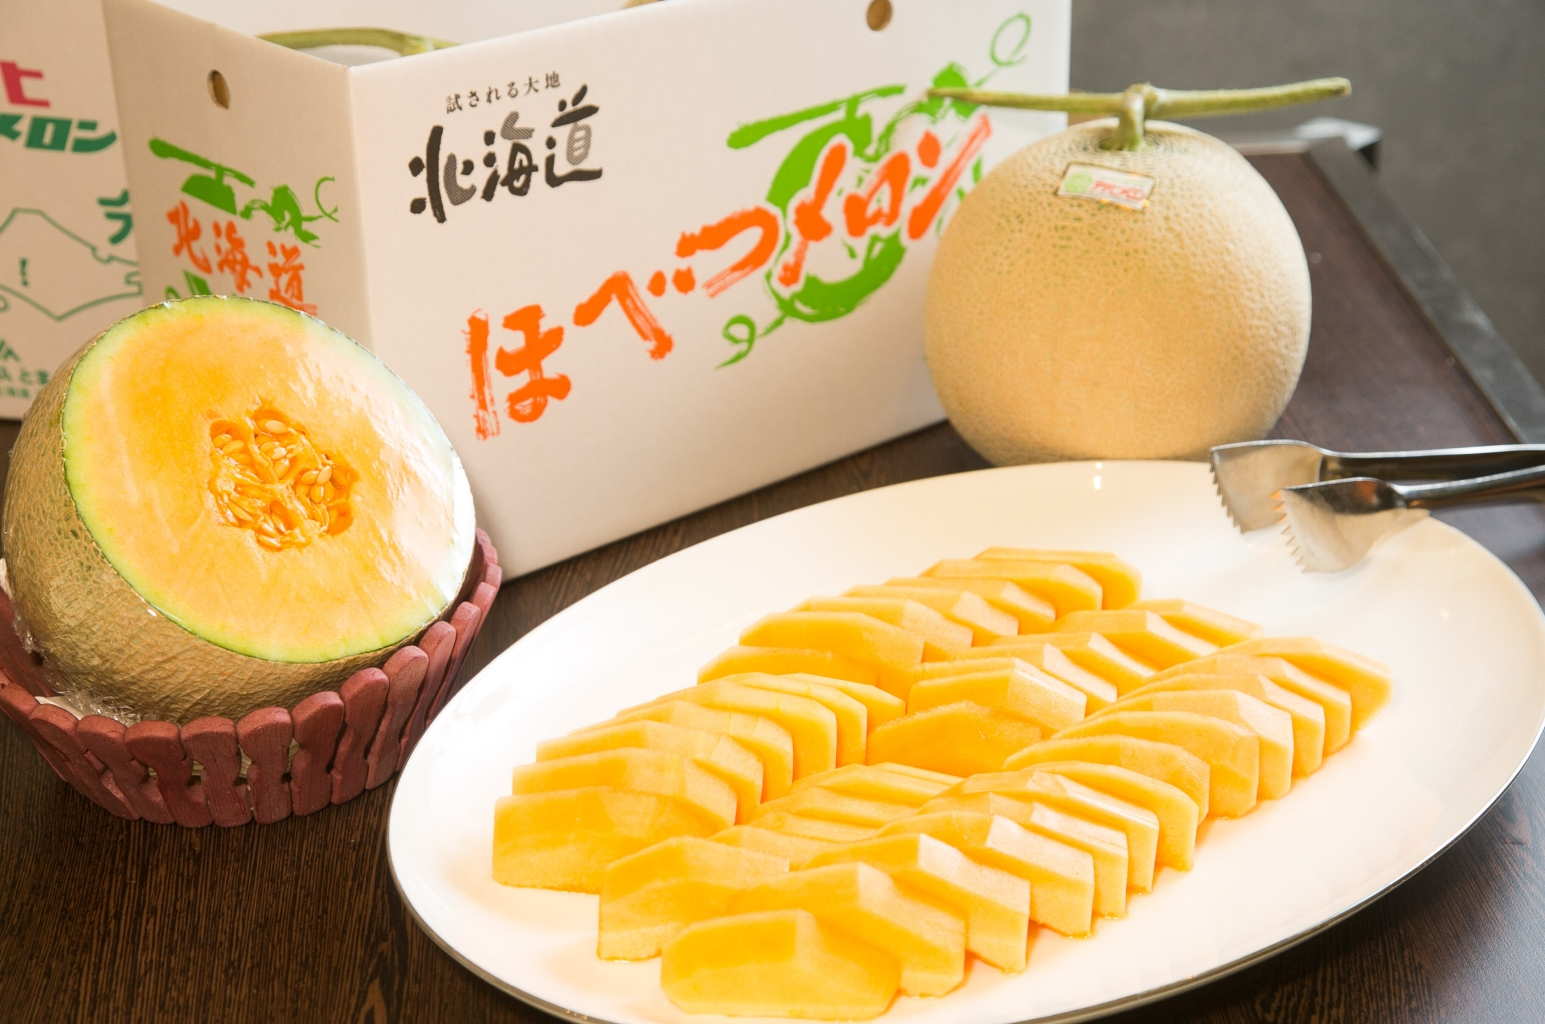 日本食遊除了能買到日本各地農特產及頂級好物之外,也能了解各商品及背後達人的故事